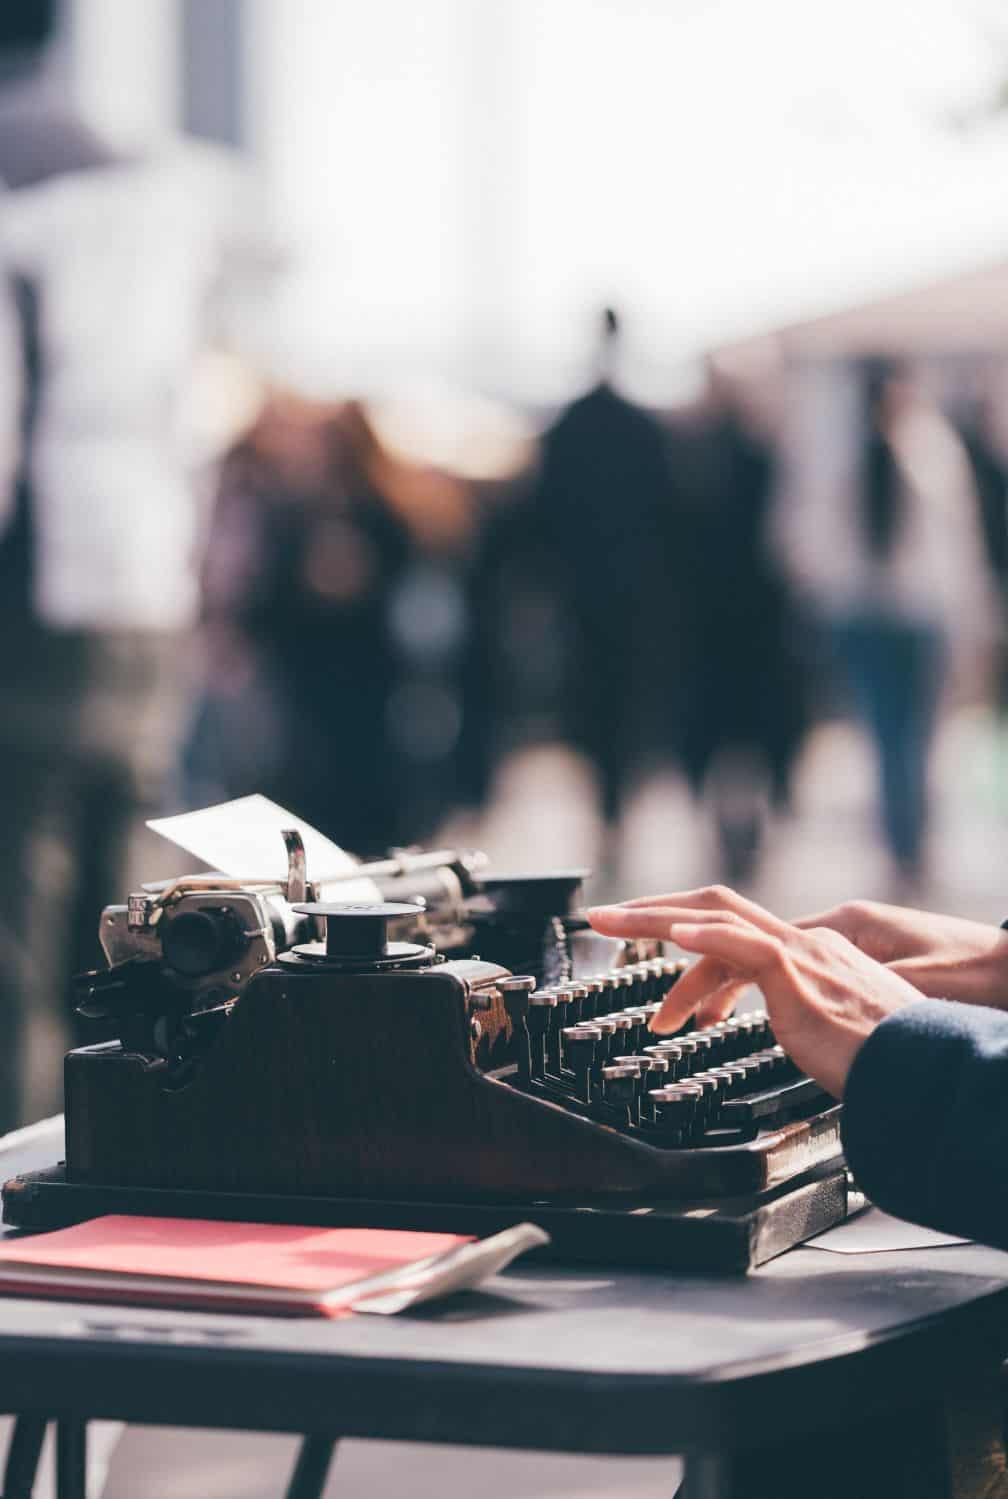 כתיבת מודעות פרסום לגוגל